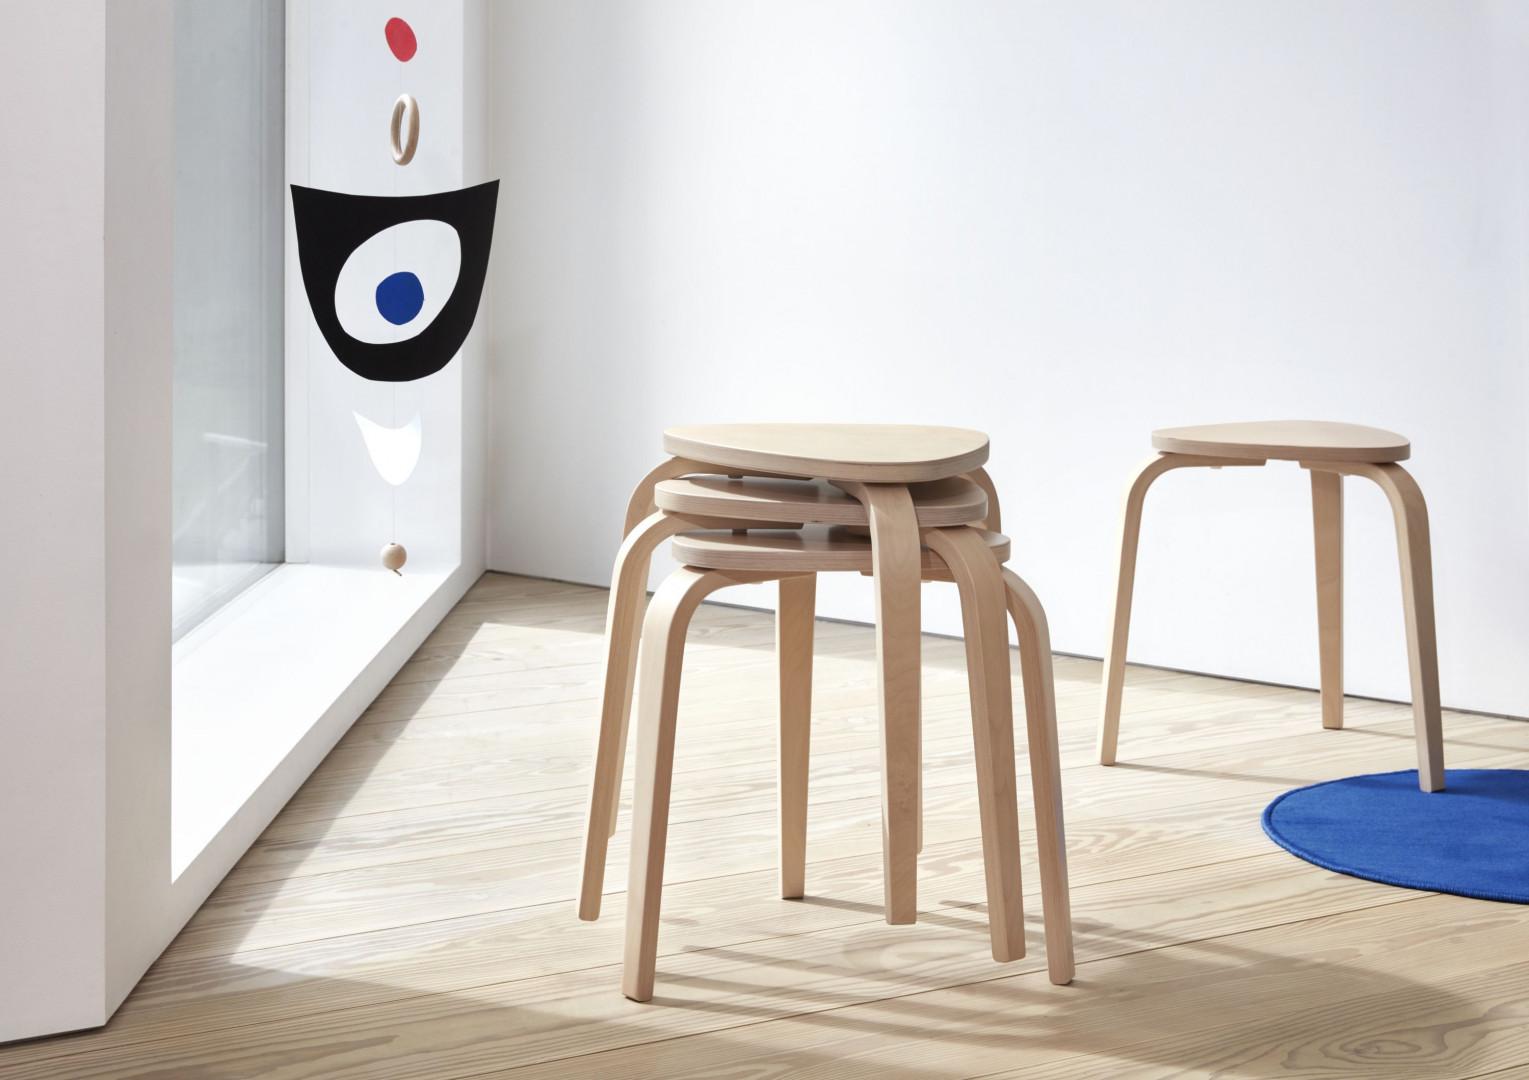 Kolekcja Kyrre marki IKEA. Fot. IKEA